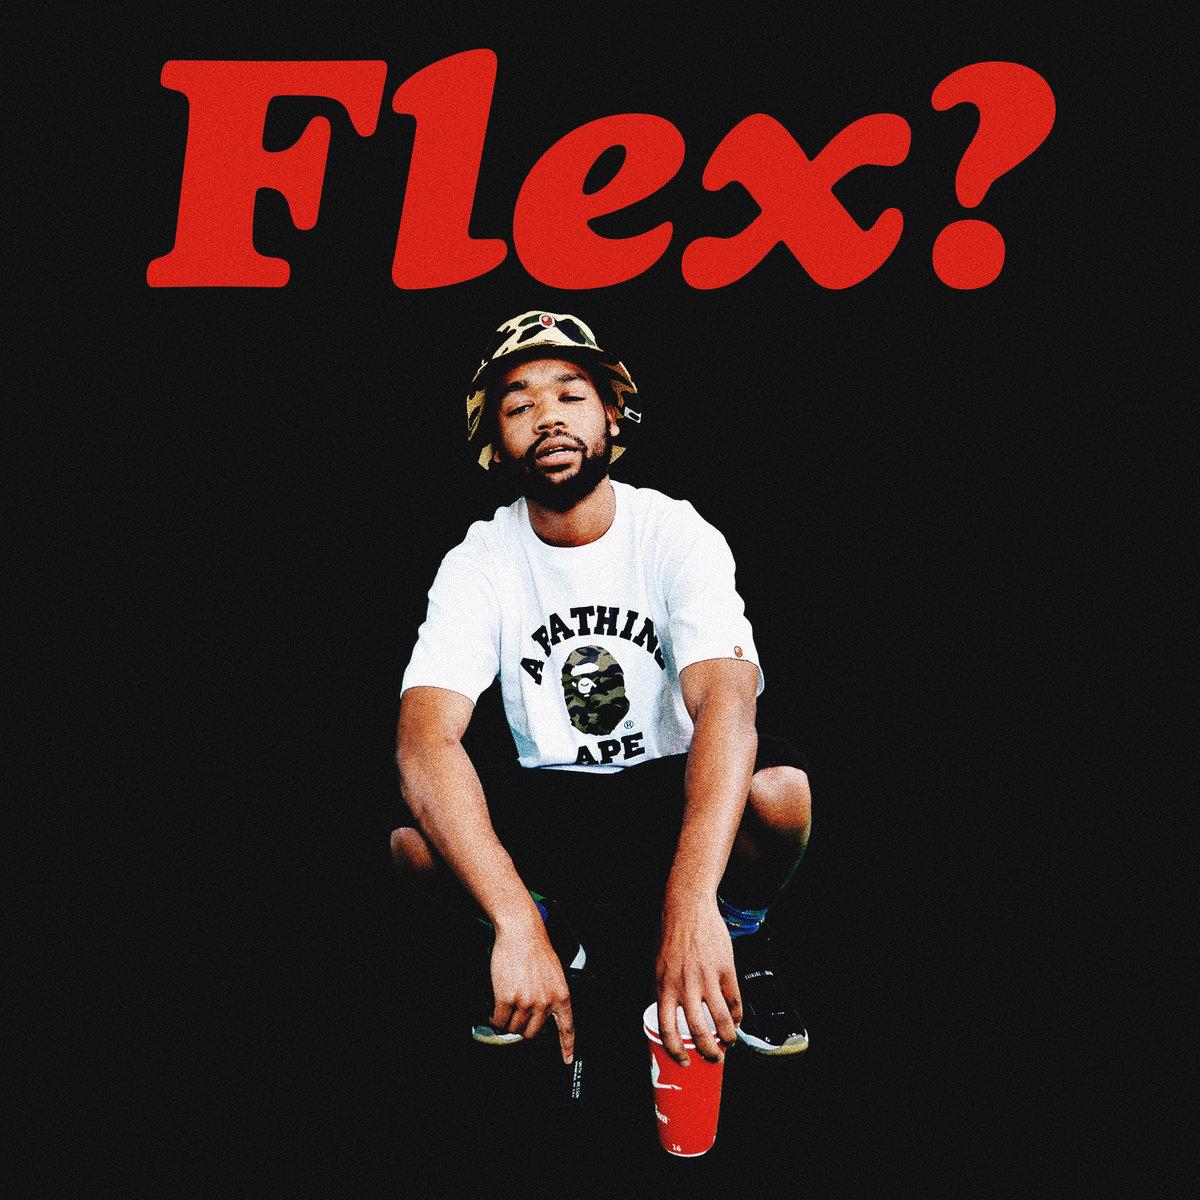 young_flexico_flex_01